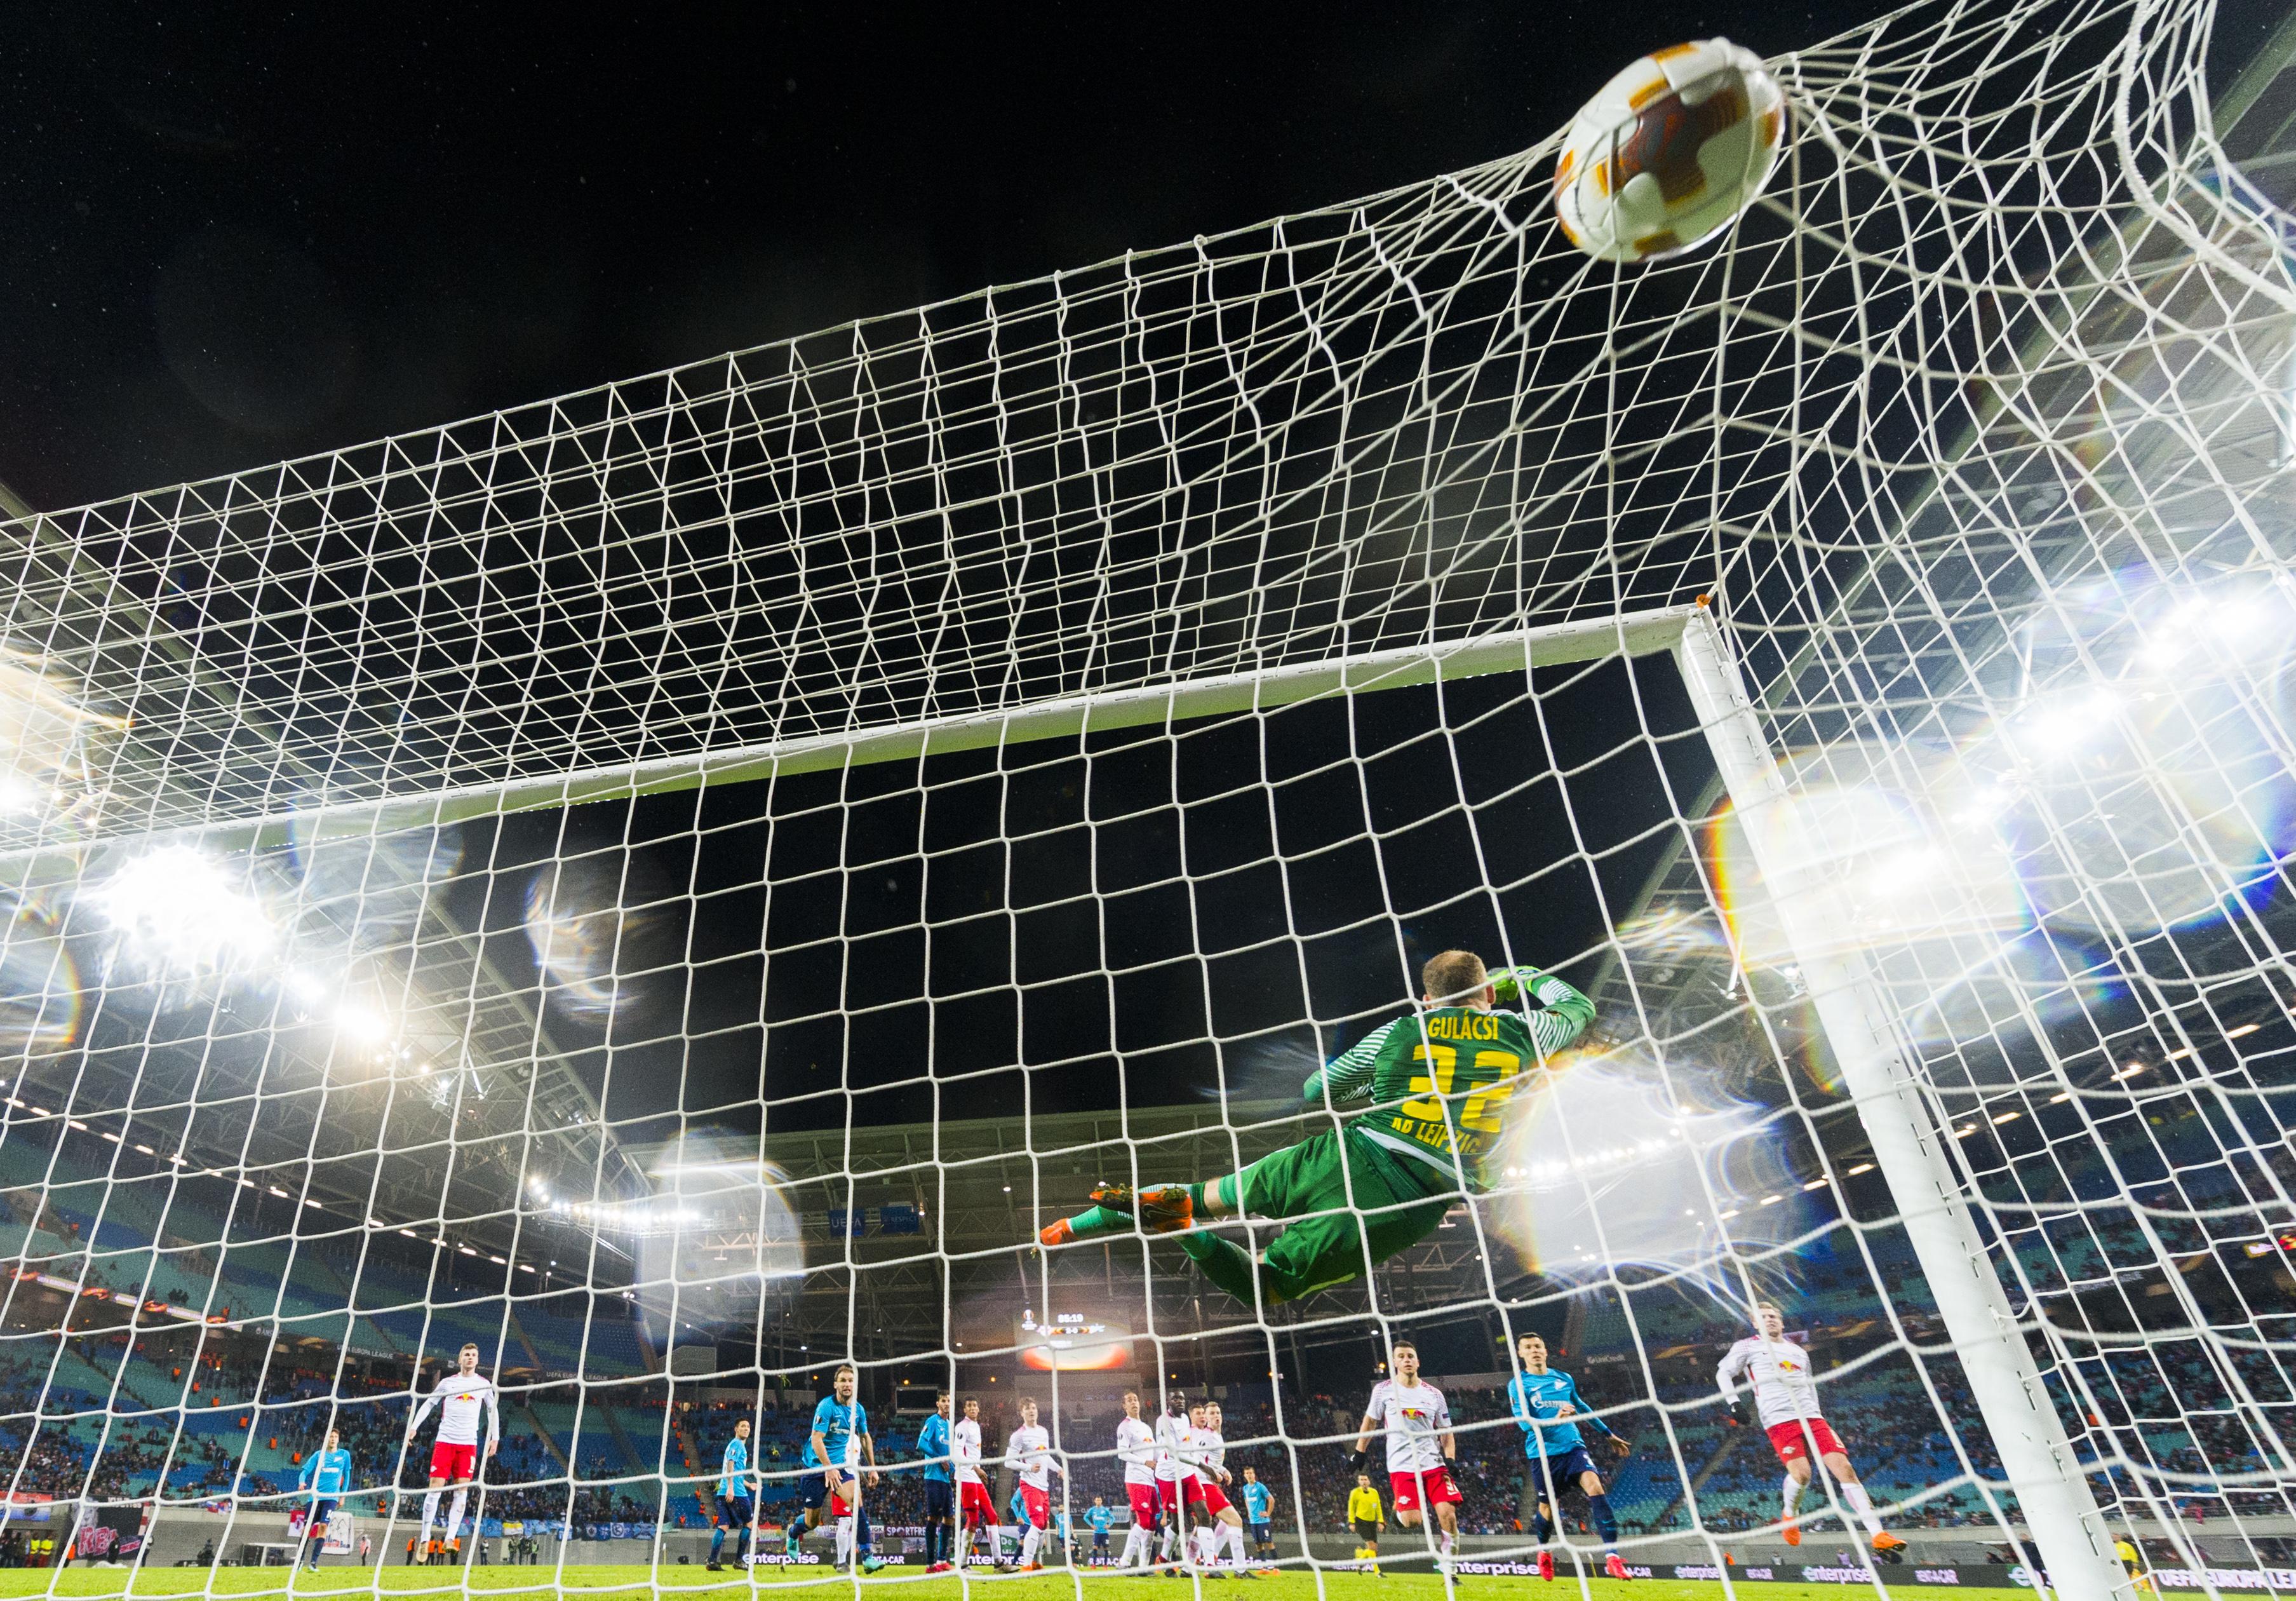 Leipzig de Bruma goleado frente ao Hoffenheim